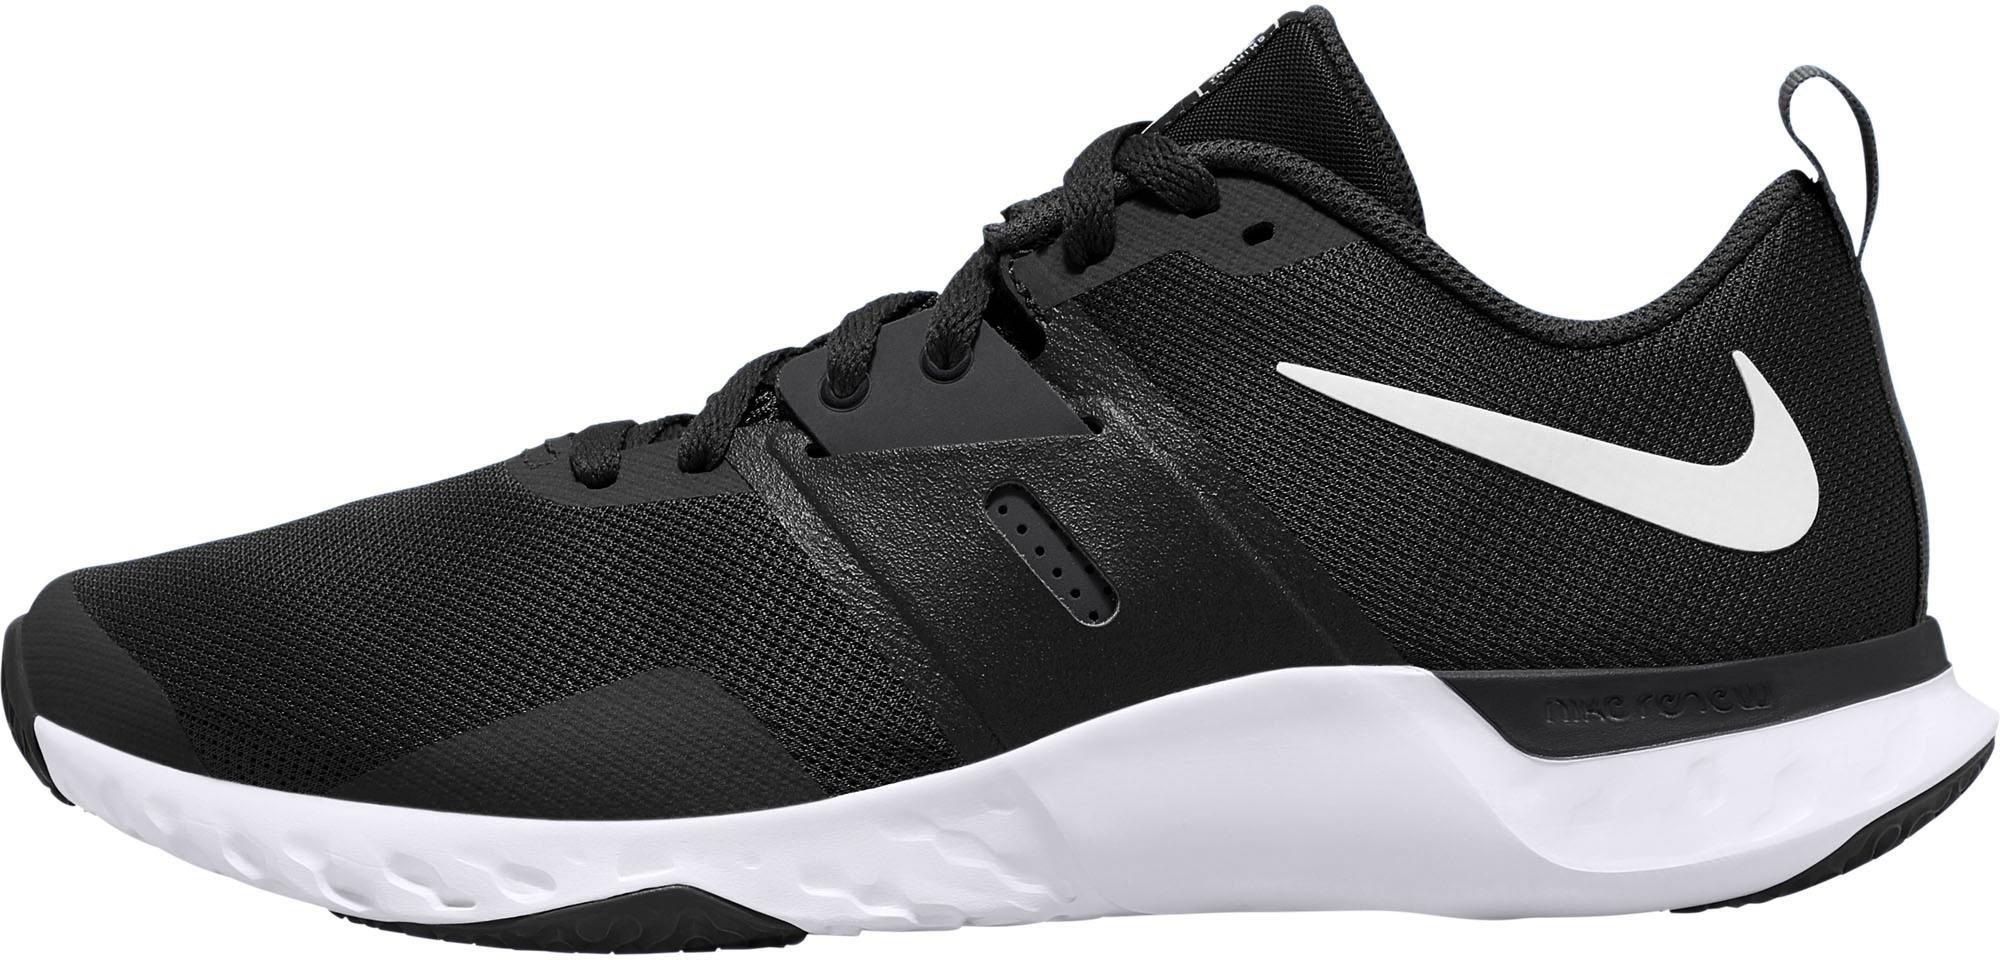 Nike trainingsschoenen »Renew Retaliation Tr« nu online kopen bij OTTO